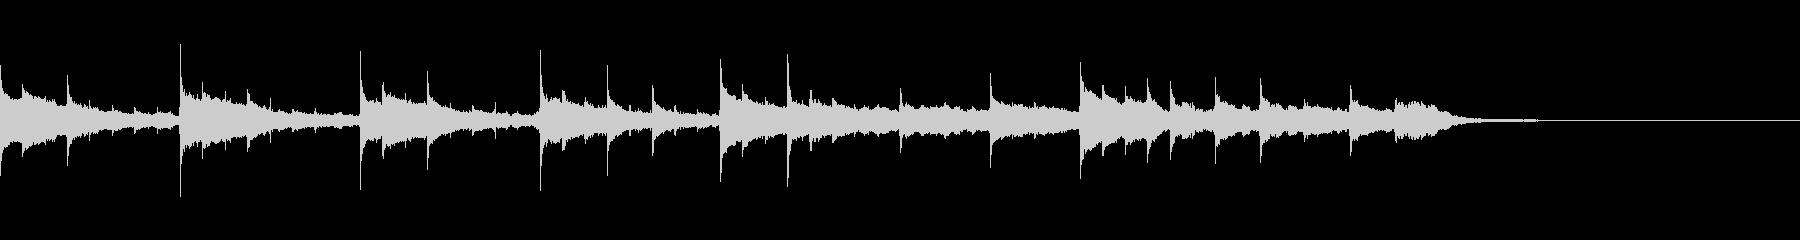 優しいクリスタル音の長めジングルの未再生の波形